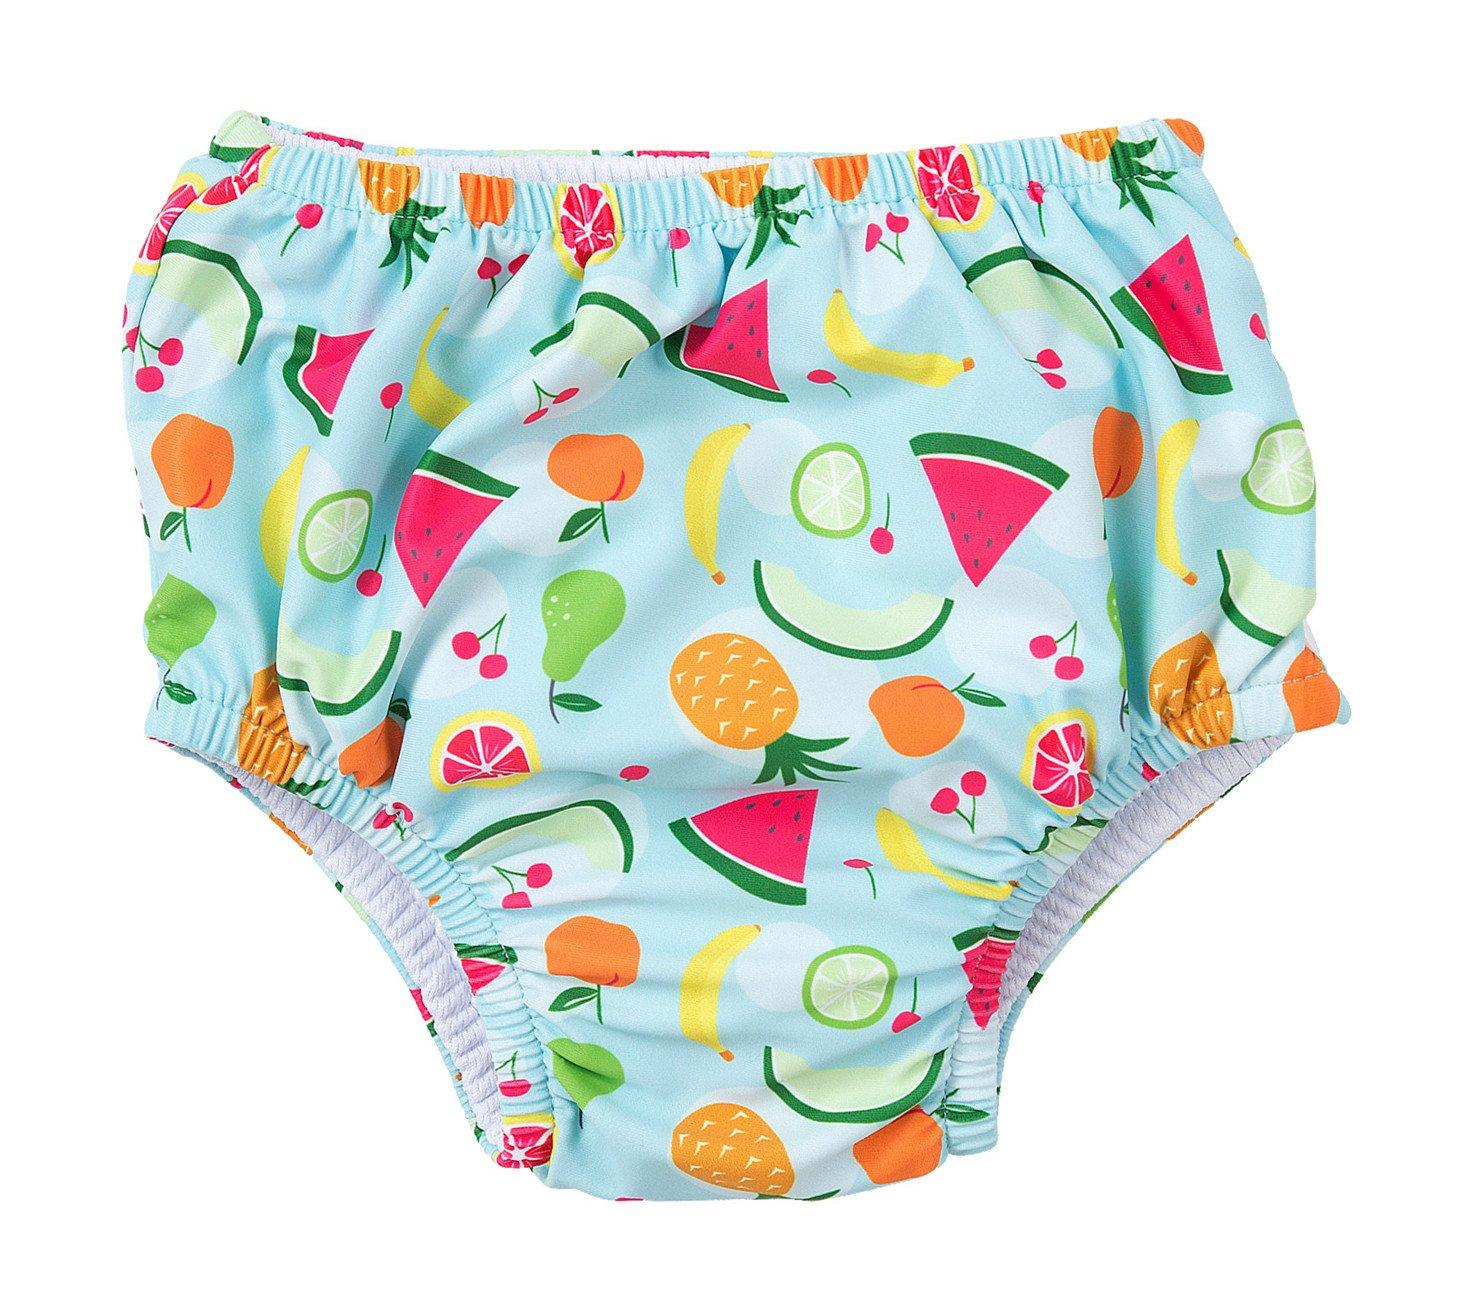 Charmo Mädchen Schwimmwindel Uv-schutz Windelhose Wassermelone Blau 0-6 Monate